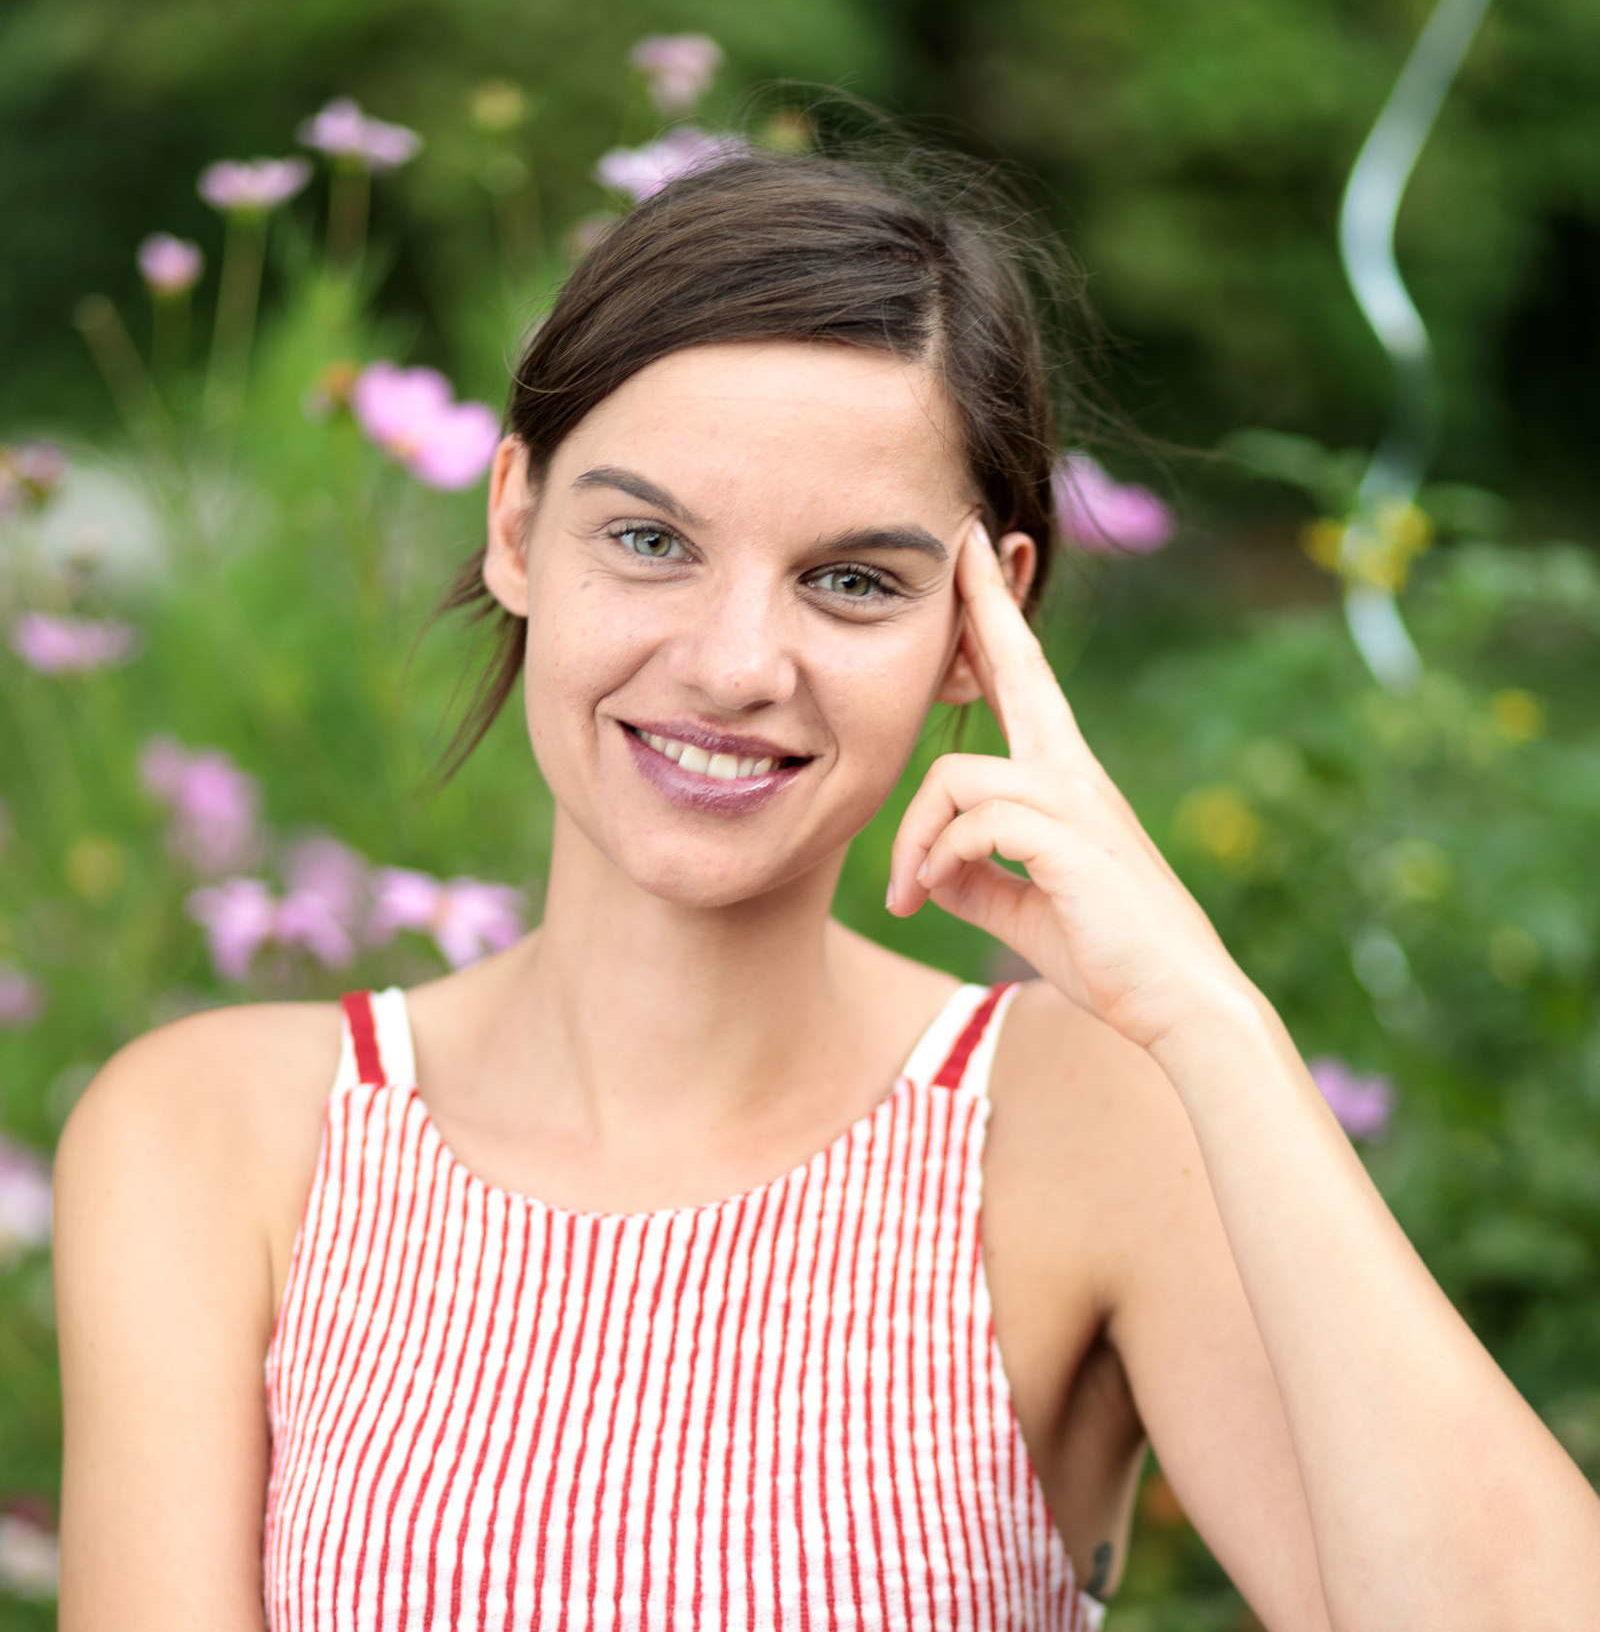 Garten Fräulein: Interview Mit Dem Garten Fräulein